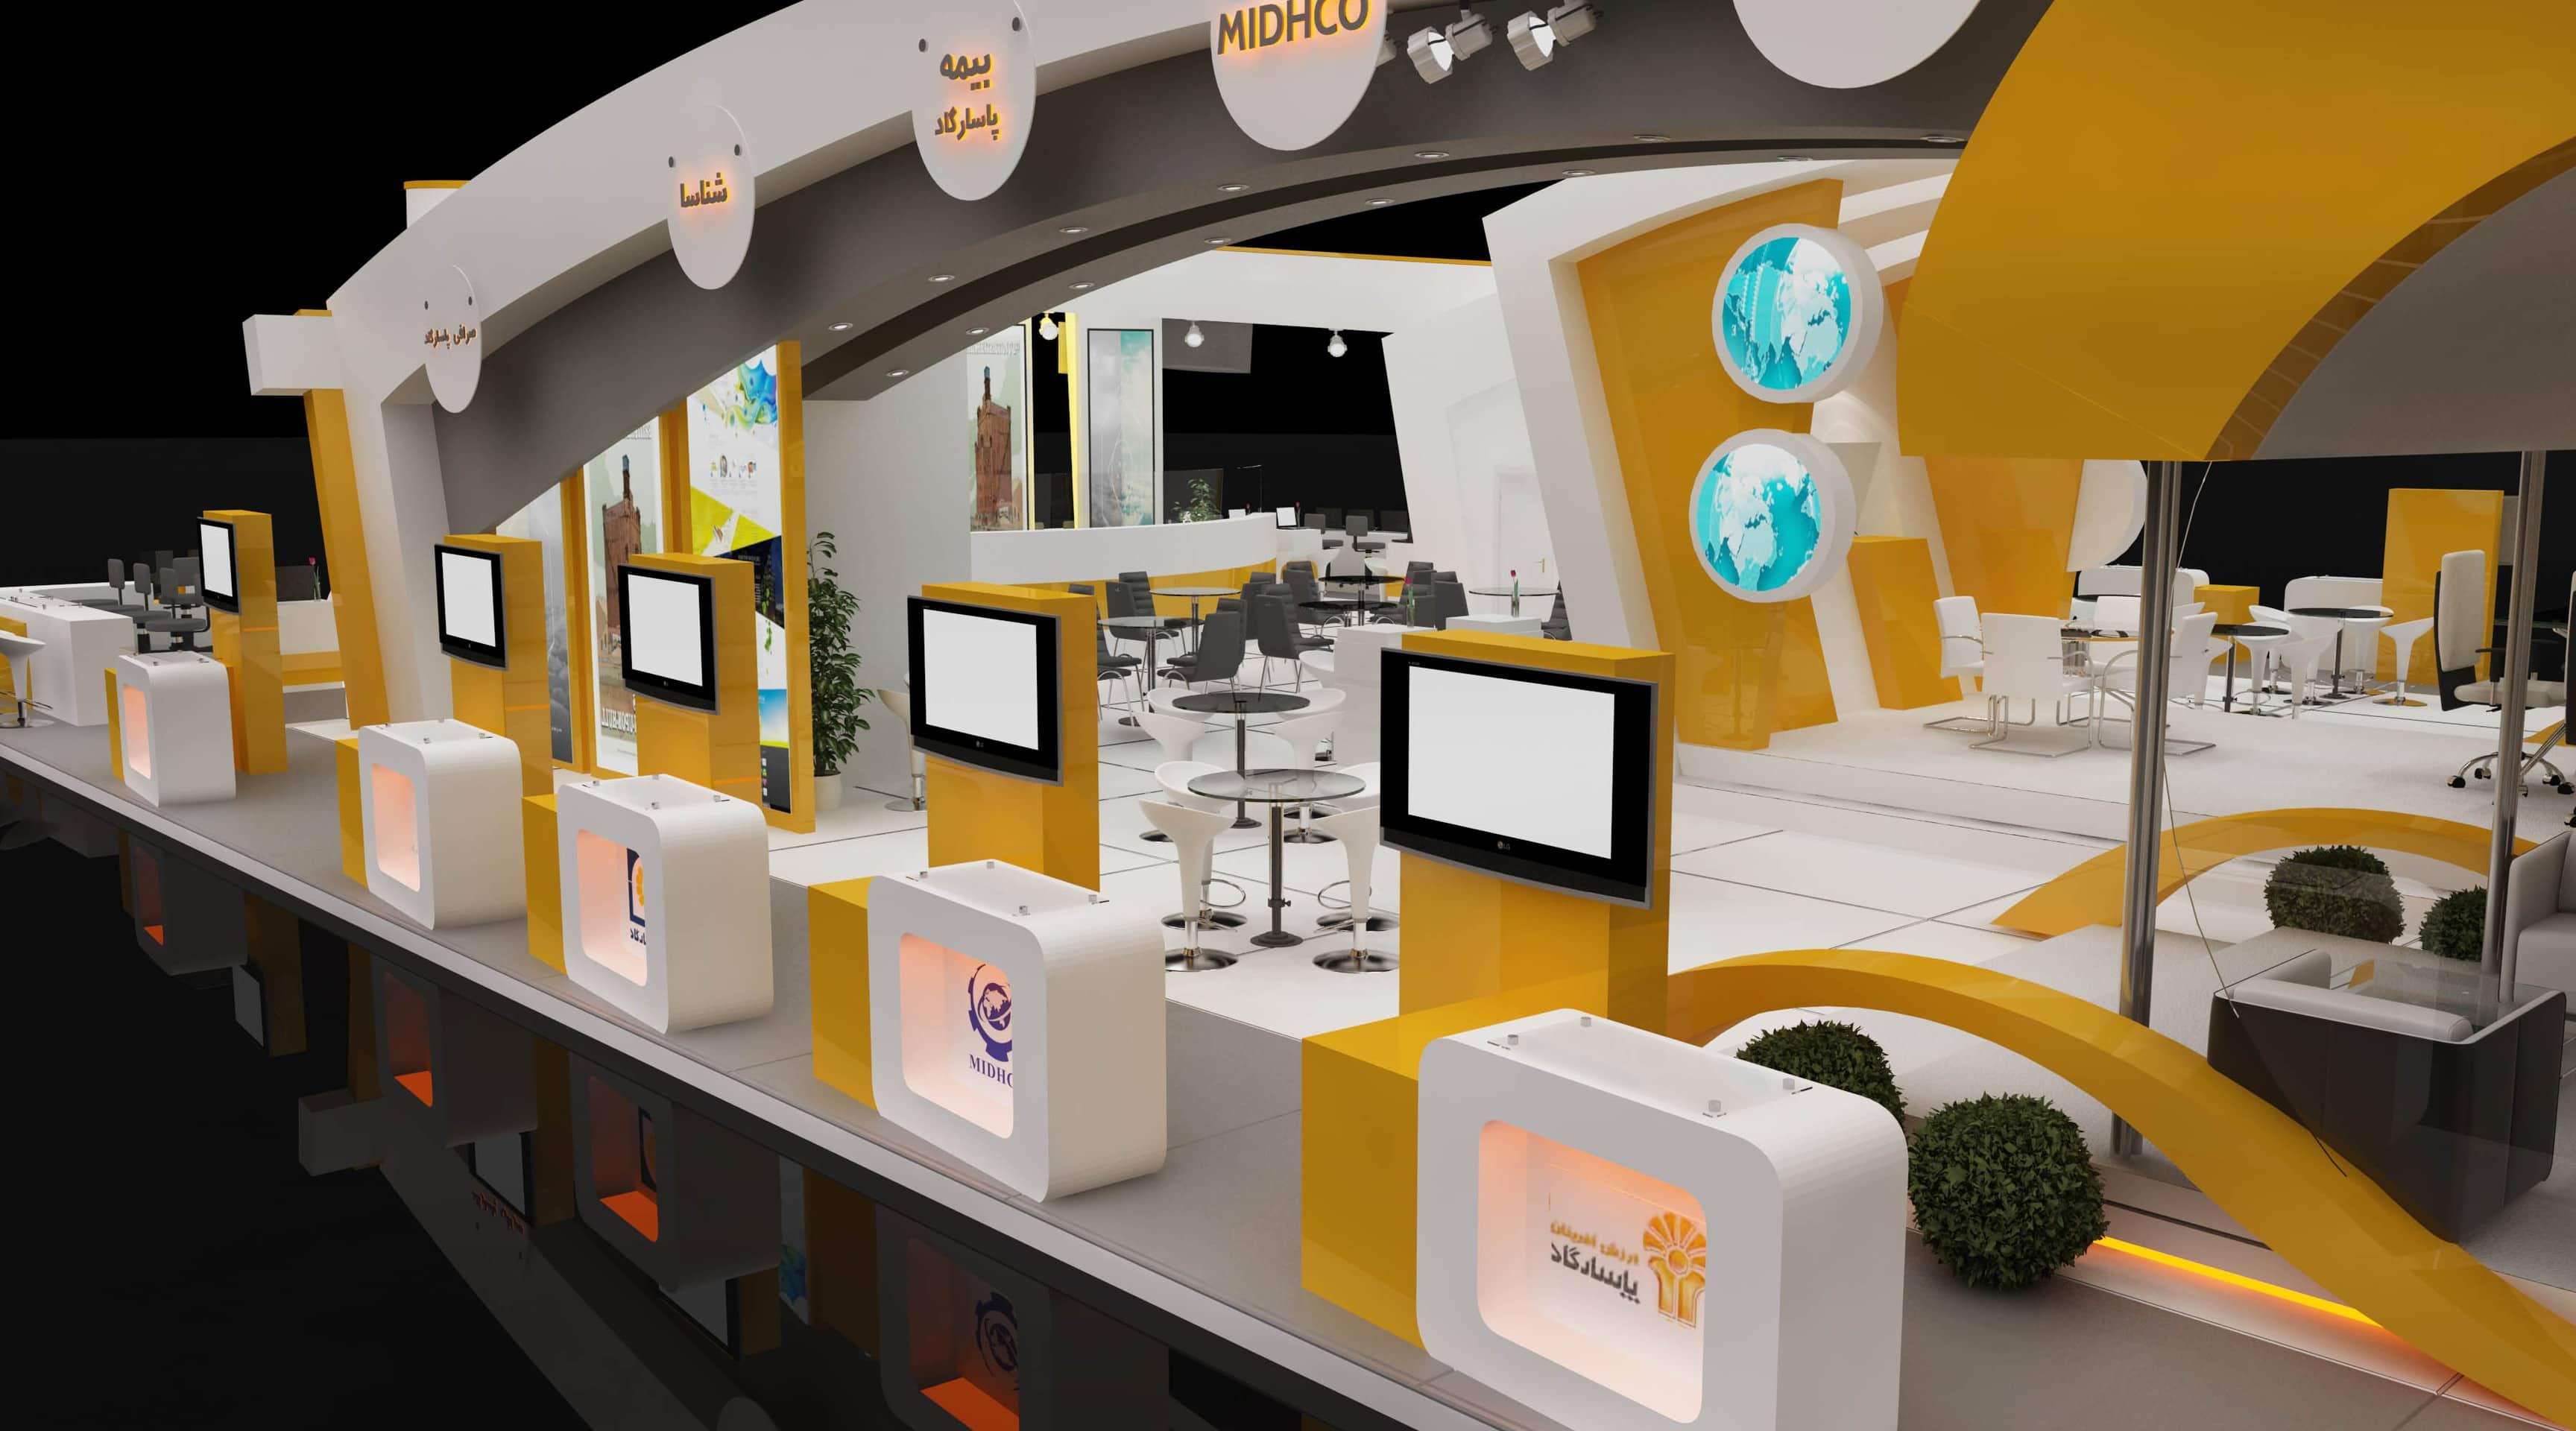 Pasargad Bank by Armin Mousavi - Design Ideas